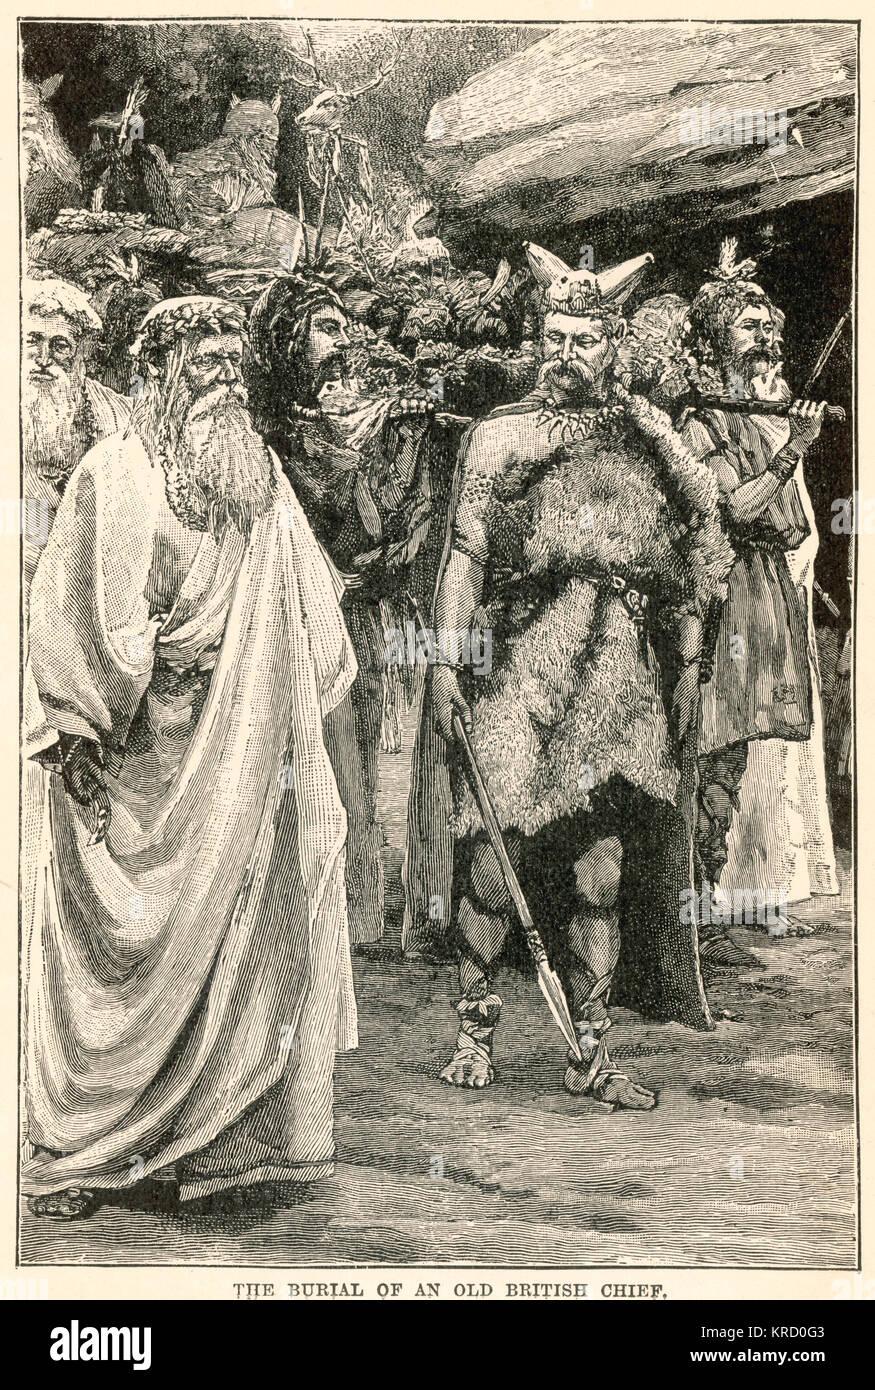 Il cerimoniale di sepoltura del capo di una tribù britannica, il suo corpo portato su un cataletto, accompagnato Immagini Stock